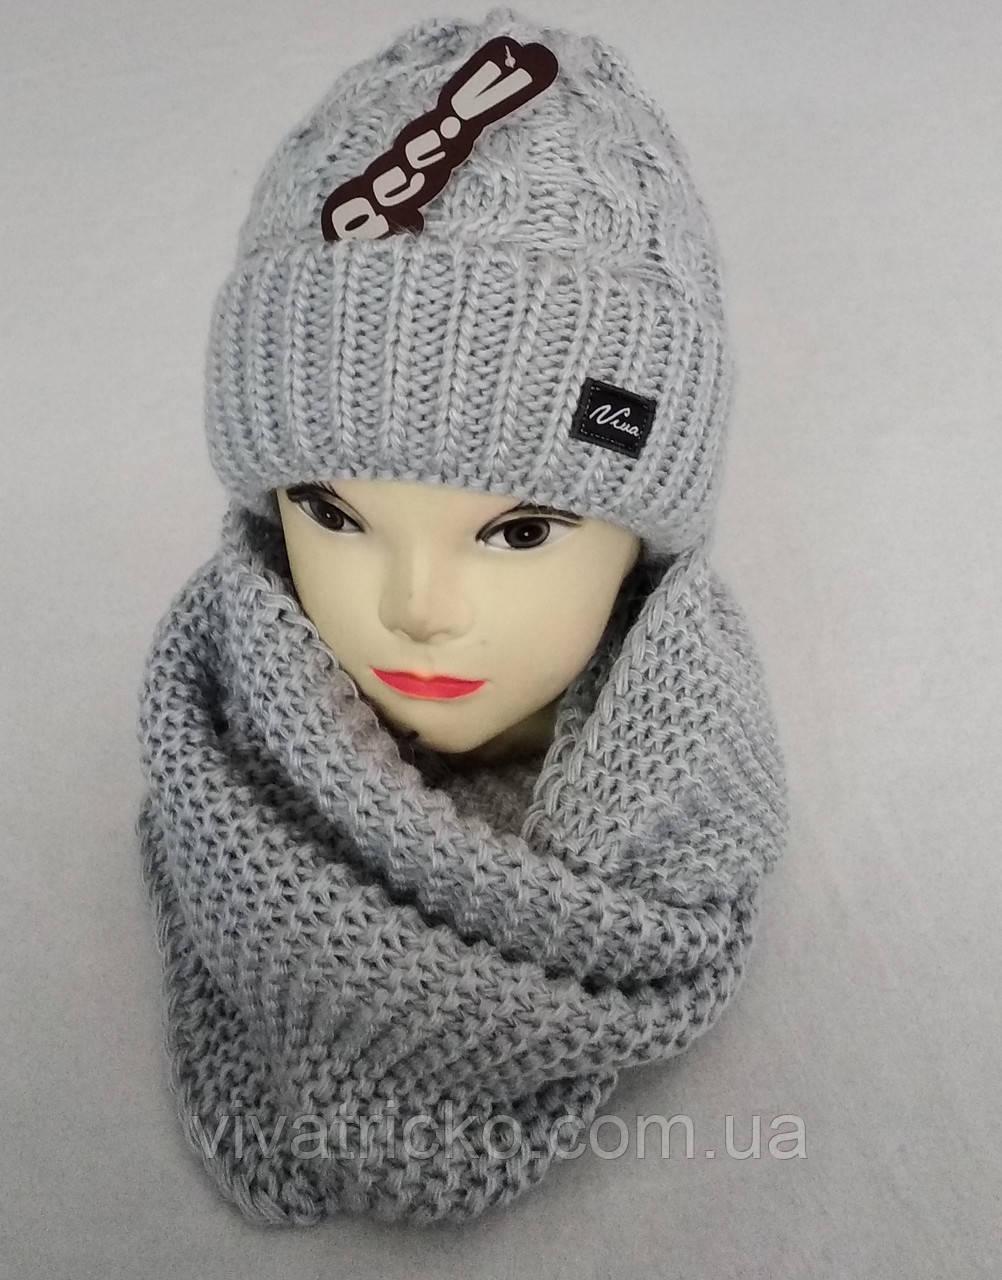 М 5065 Комплект жіночий шапка+хомут, марс, фліс